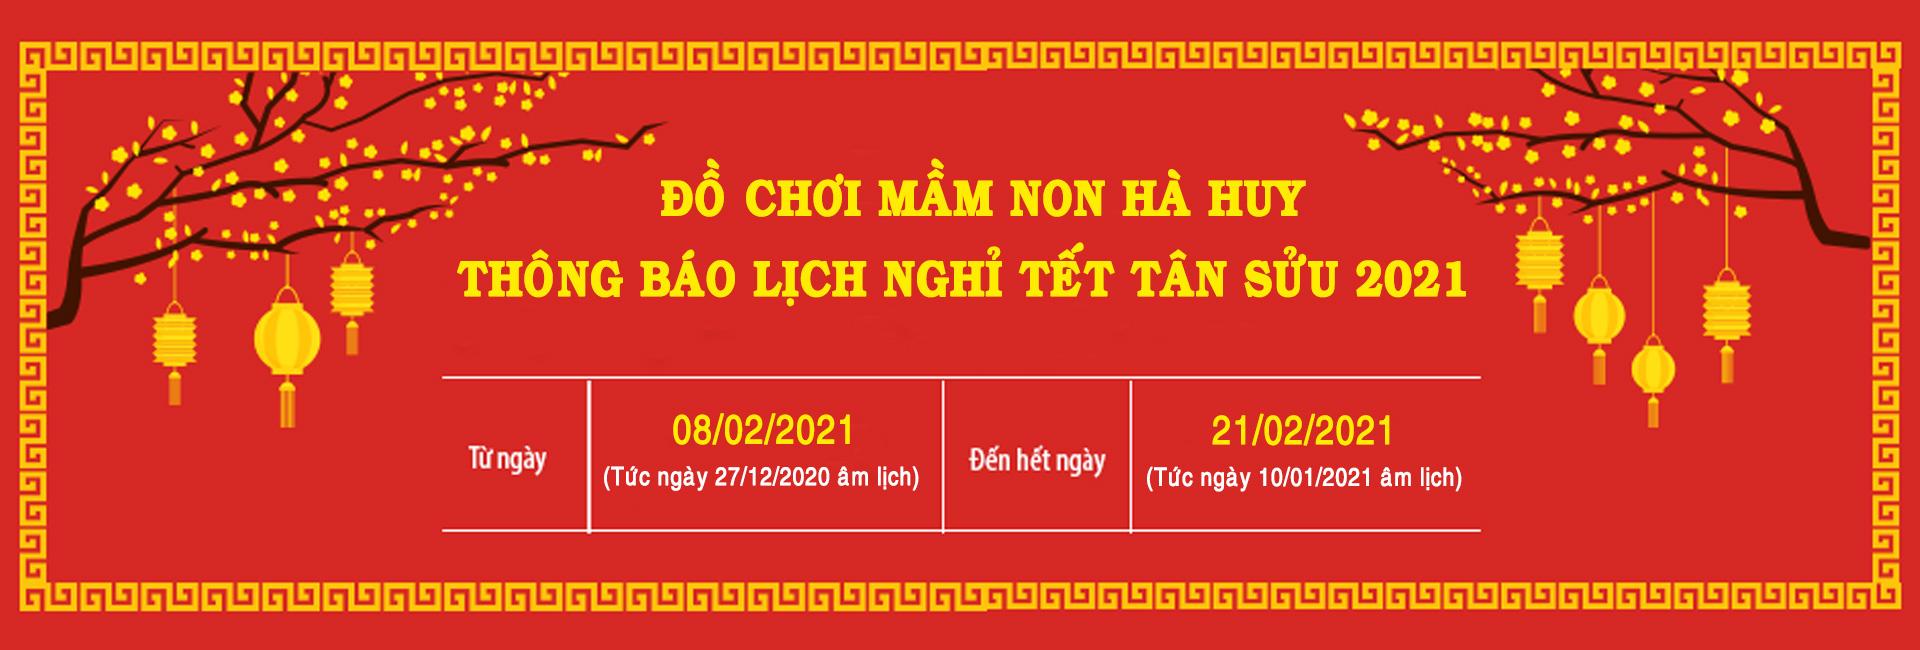 Lịch nghỉ tết nguyên đán Tân Sửu 2021 - Đồ chơi Hà Huy